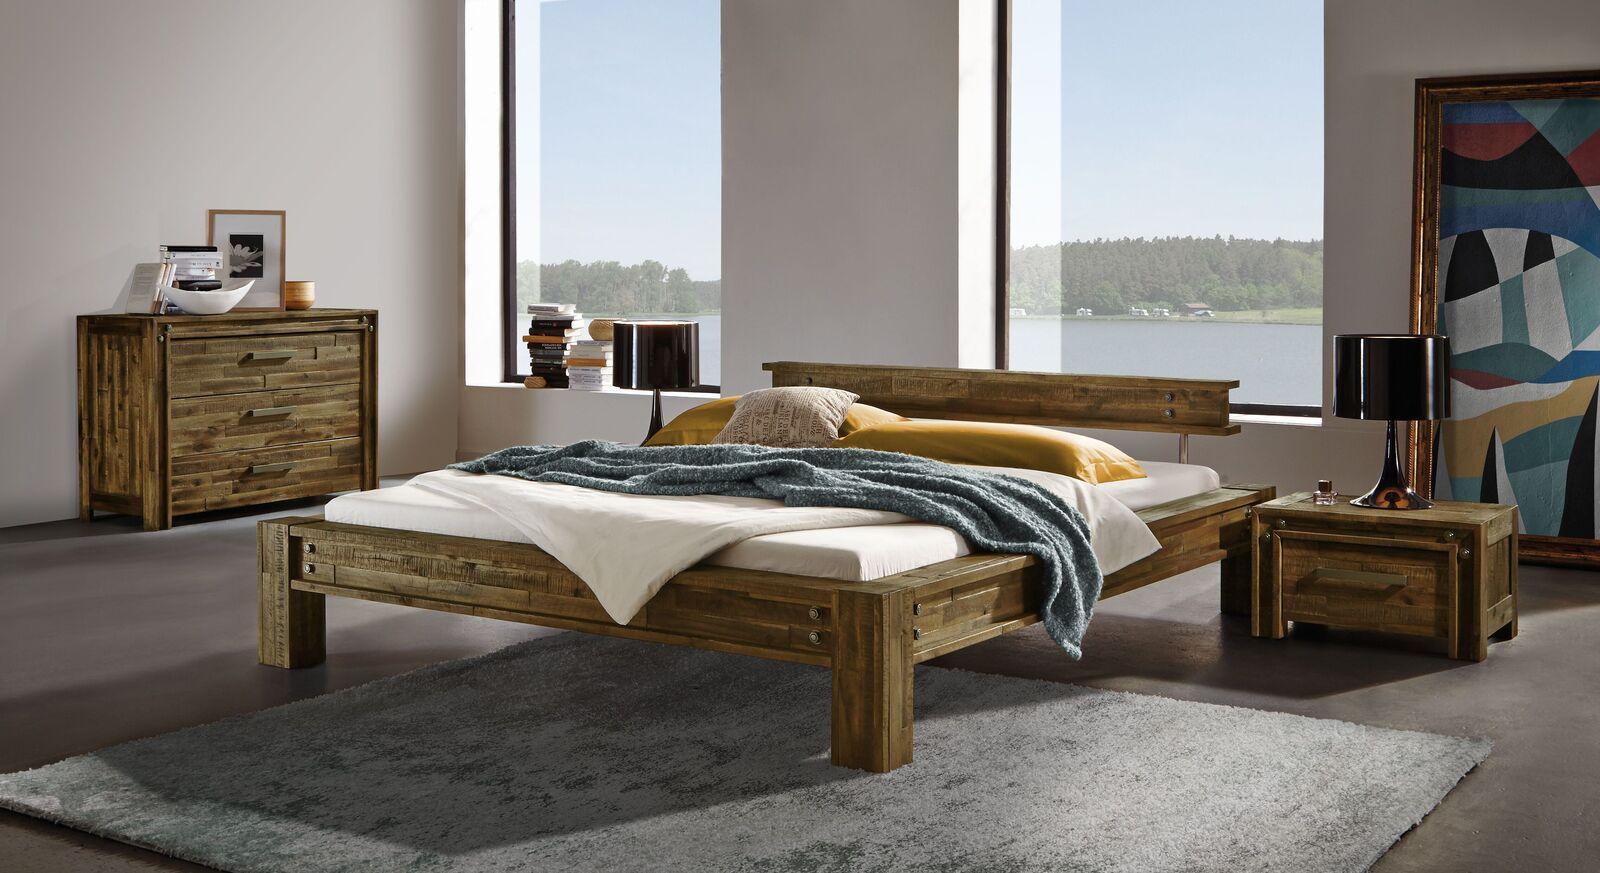 Bett Cedron mit passenden Beimöbeln fürs Schlafzimmer